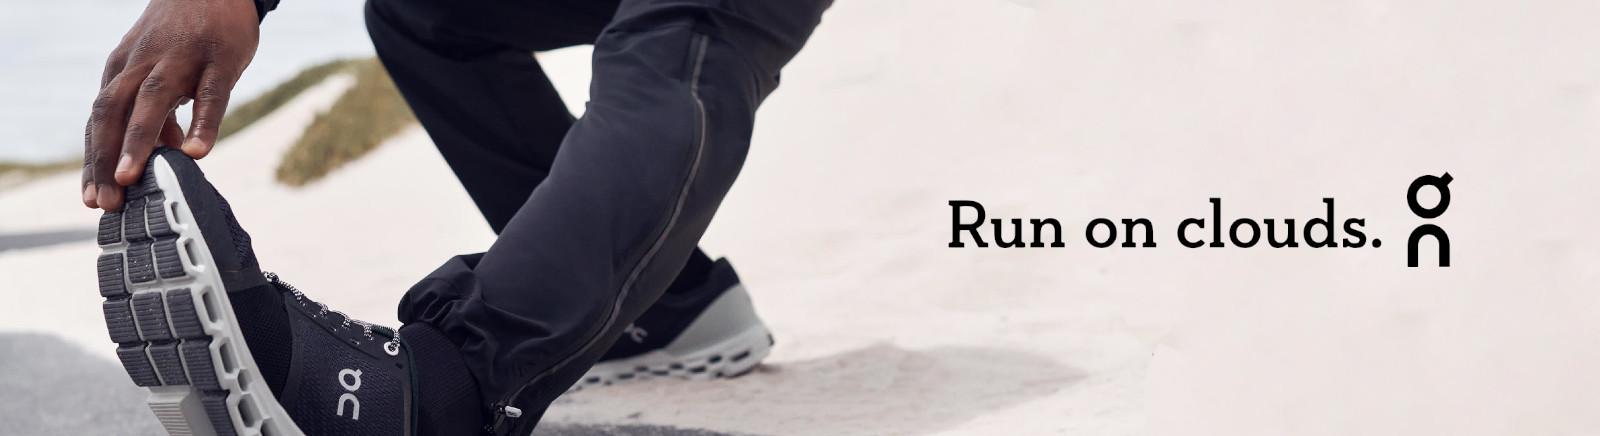 On Schuhe: Laufschuhe online kaufen im Shop von GISY